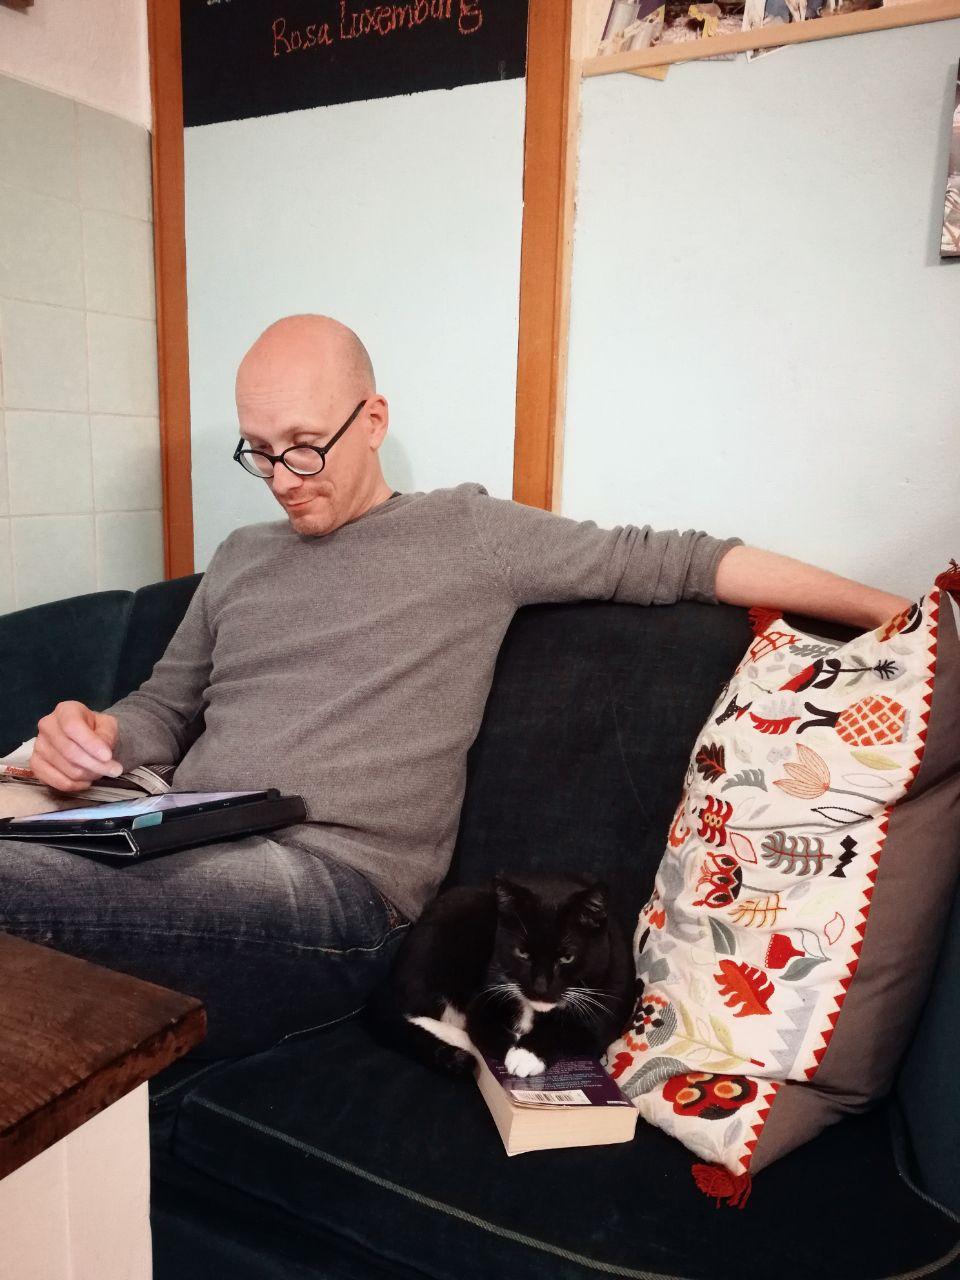 Jan sitzt mit dem Tablet auf dem Sofa und die Katze daneben.